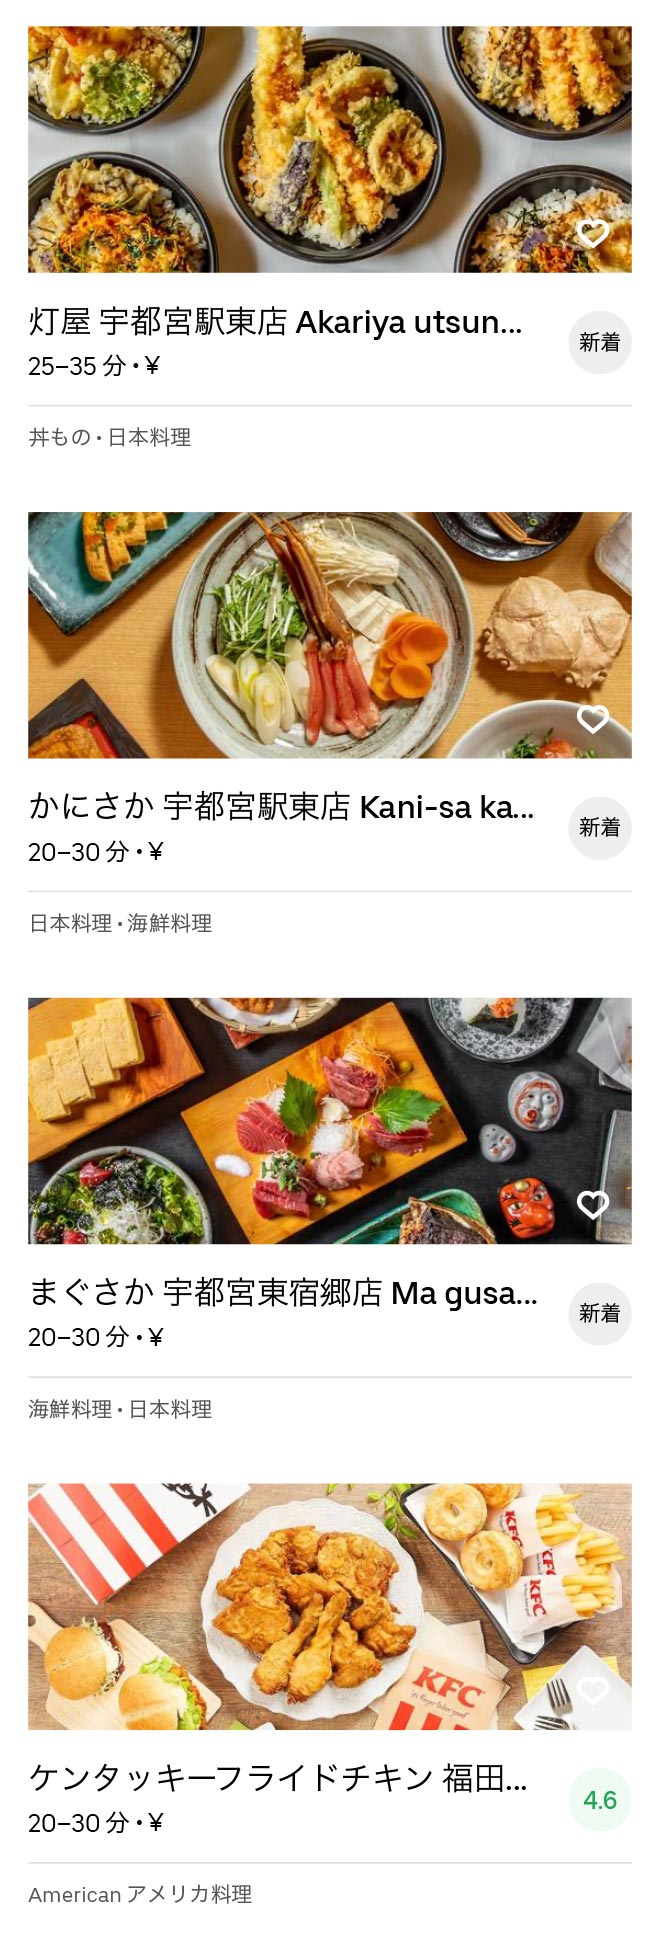 Tobu utsunomiya menu 200612